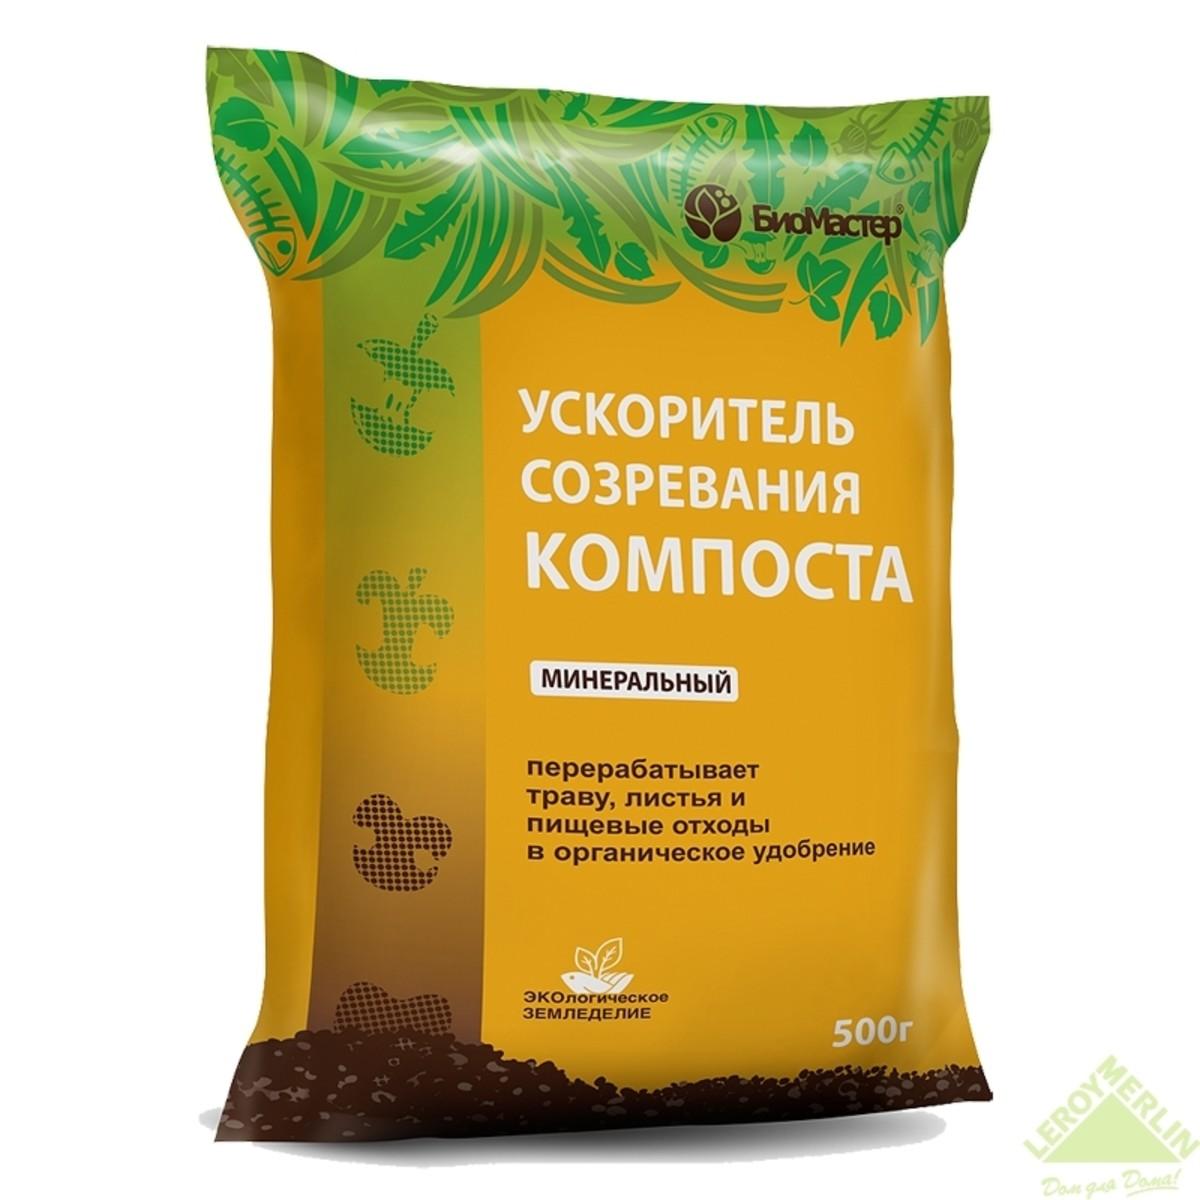 Ускоритель созревания компоста БиоМастер 05 кг